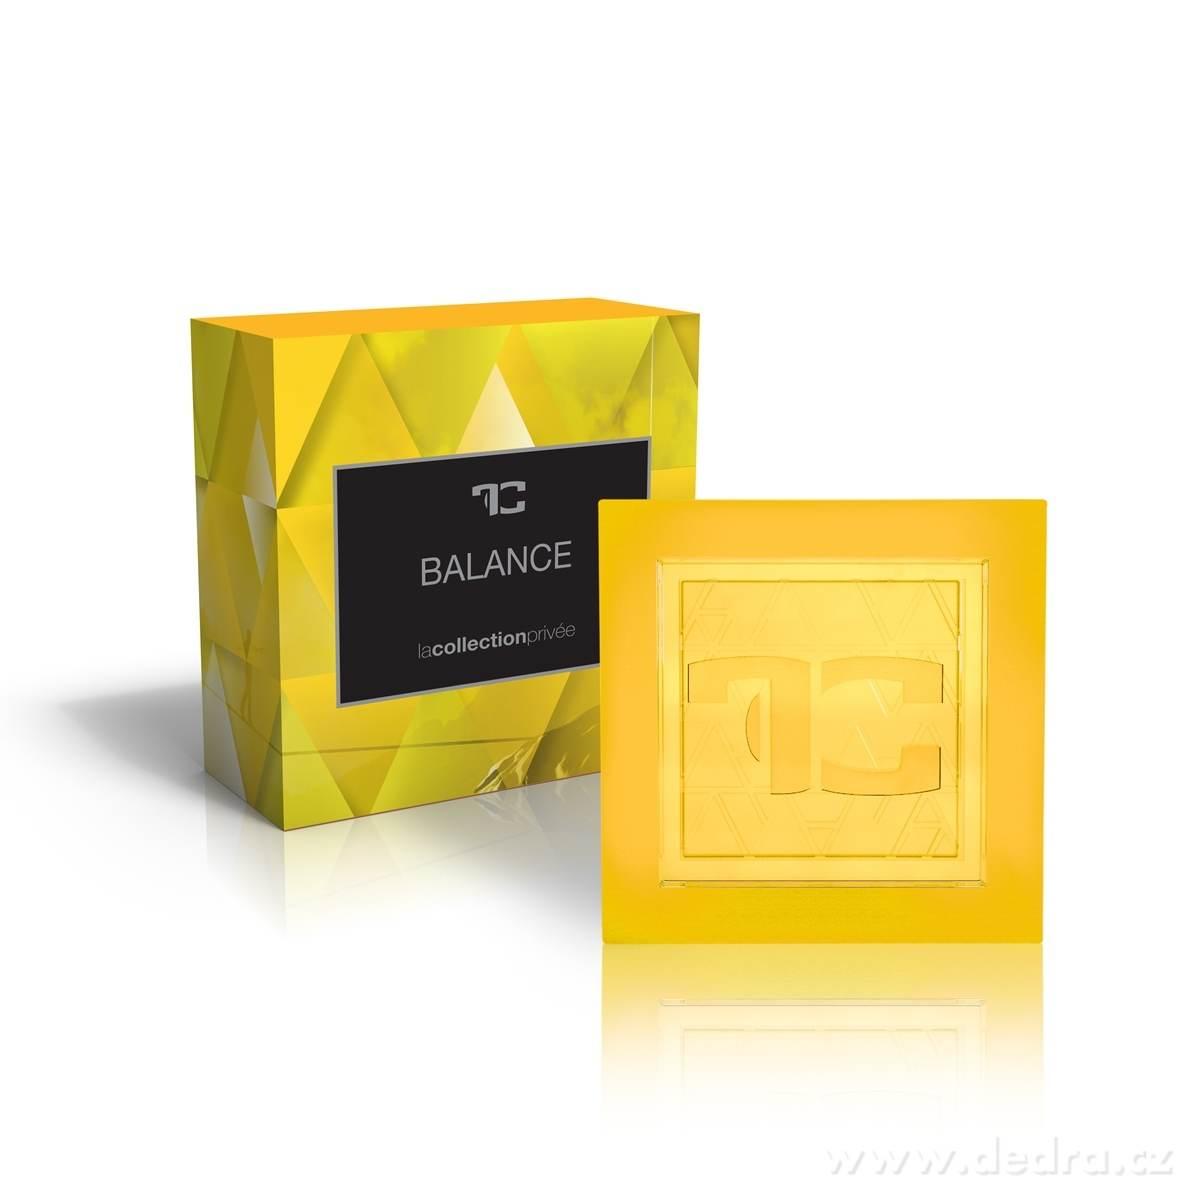 Dedra Přírodní glycerinové mýdlo Balance la collection privée 90 g